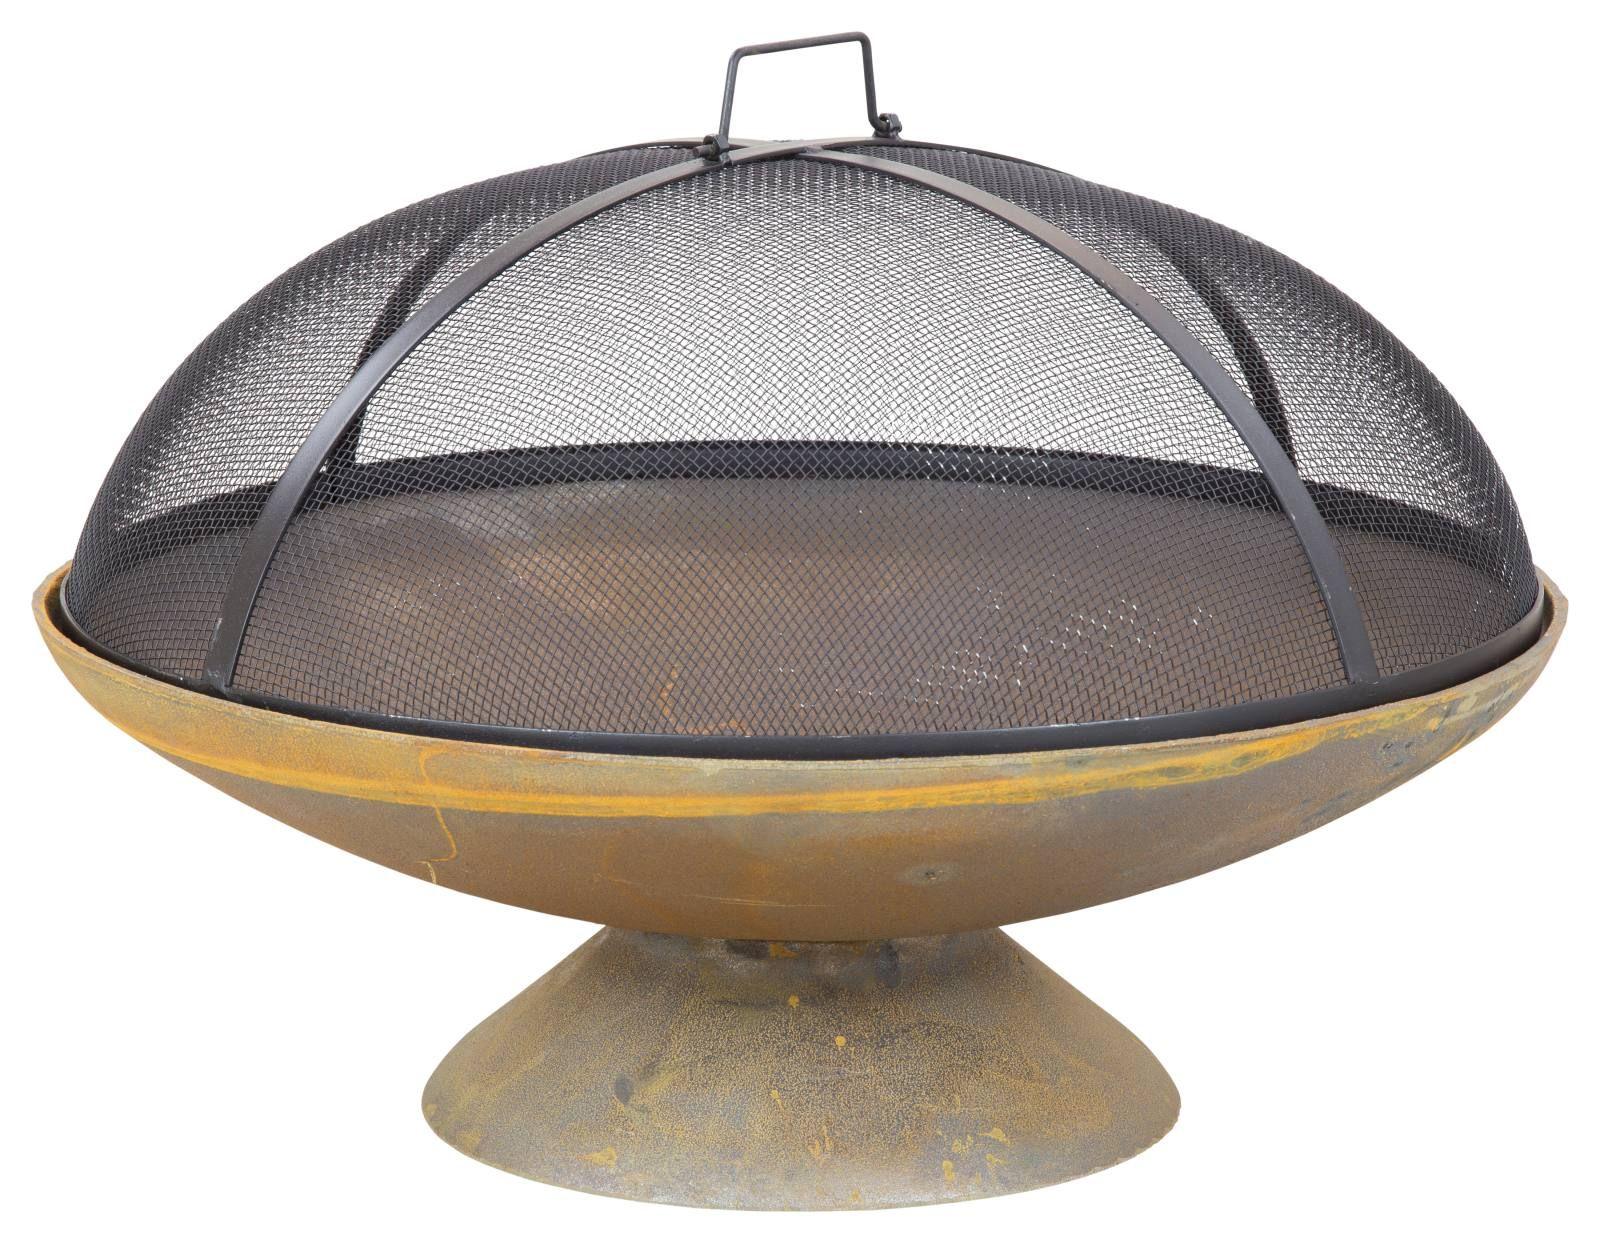 Atlas 60cm Cast Iron Fire Pit | Cast iron fire pit, Iron ...